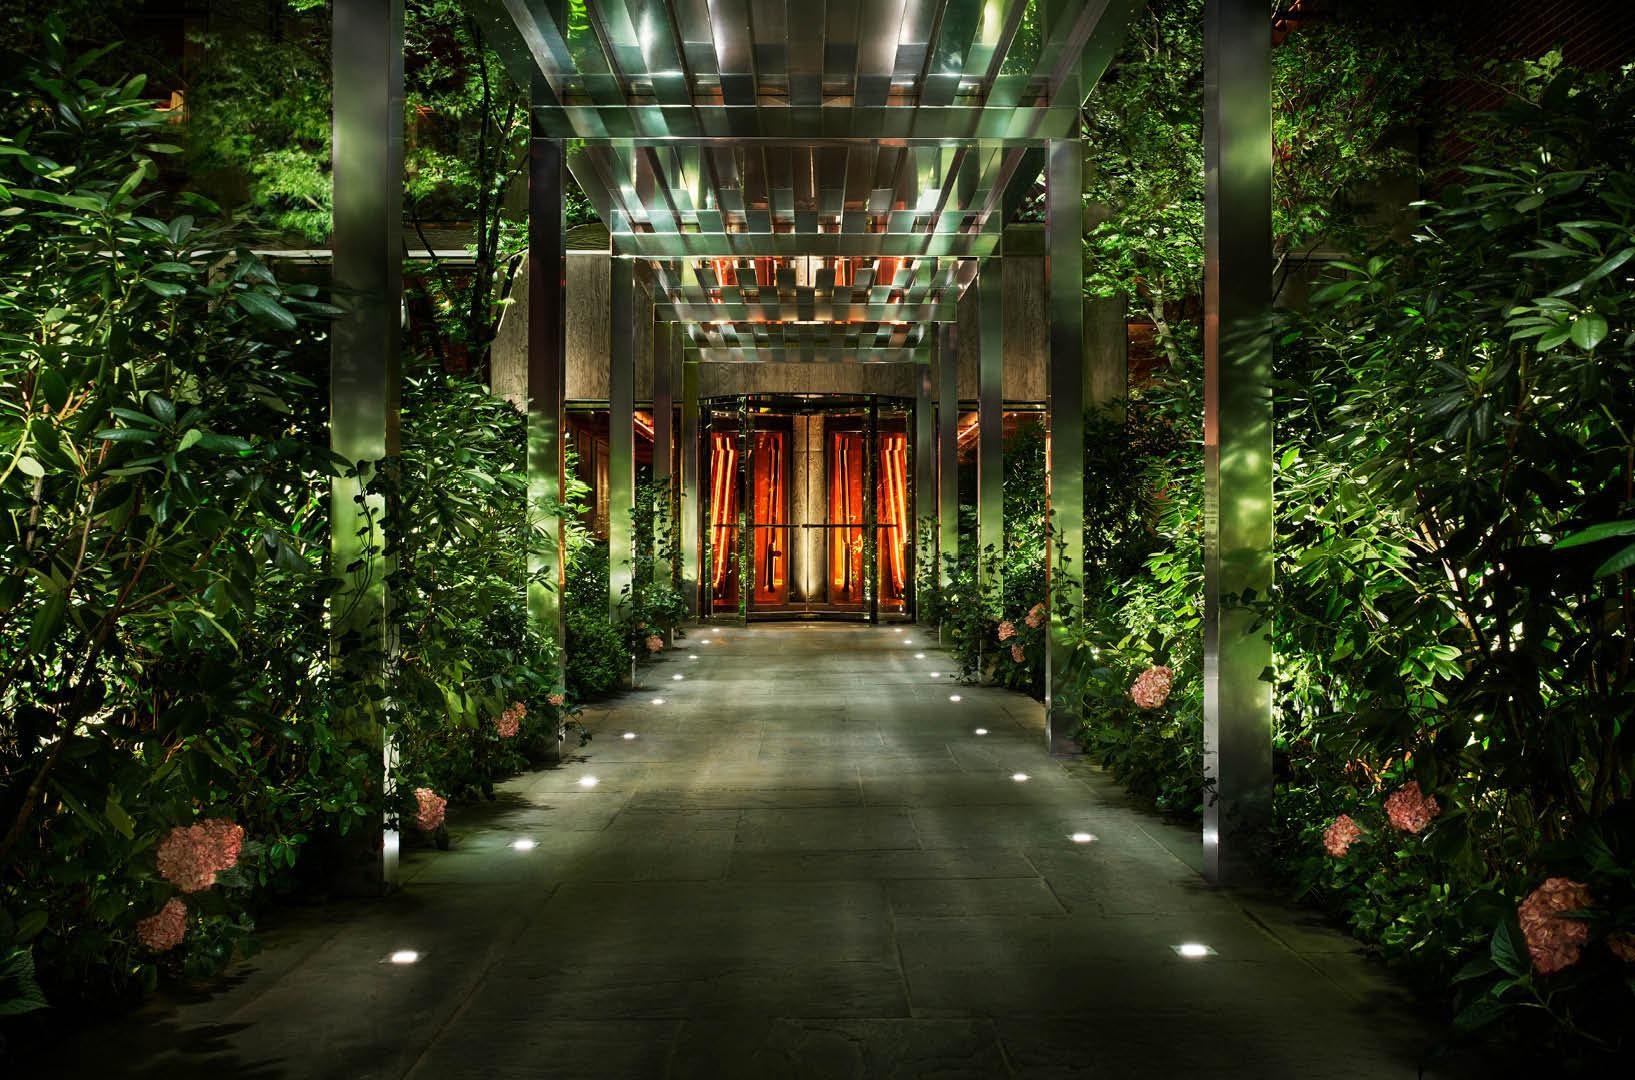 Das wohl angesagteste Hotel in SoHo, NYC: Das Public Hotel von Studio 54-Gründer Ian Schrager 1